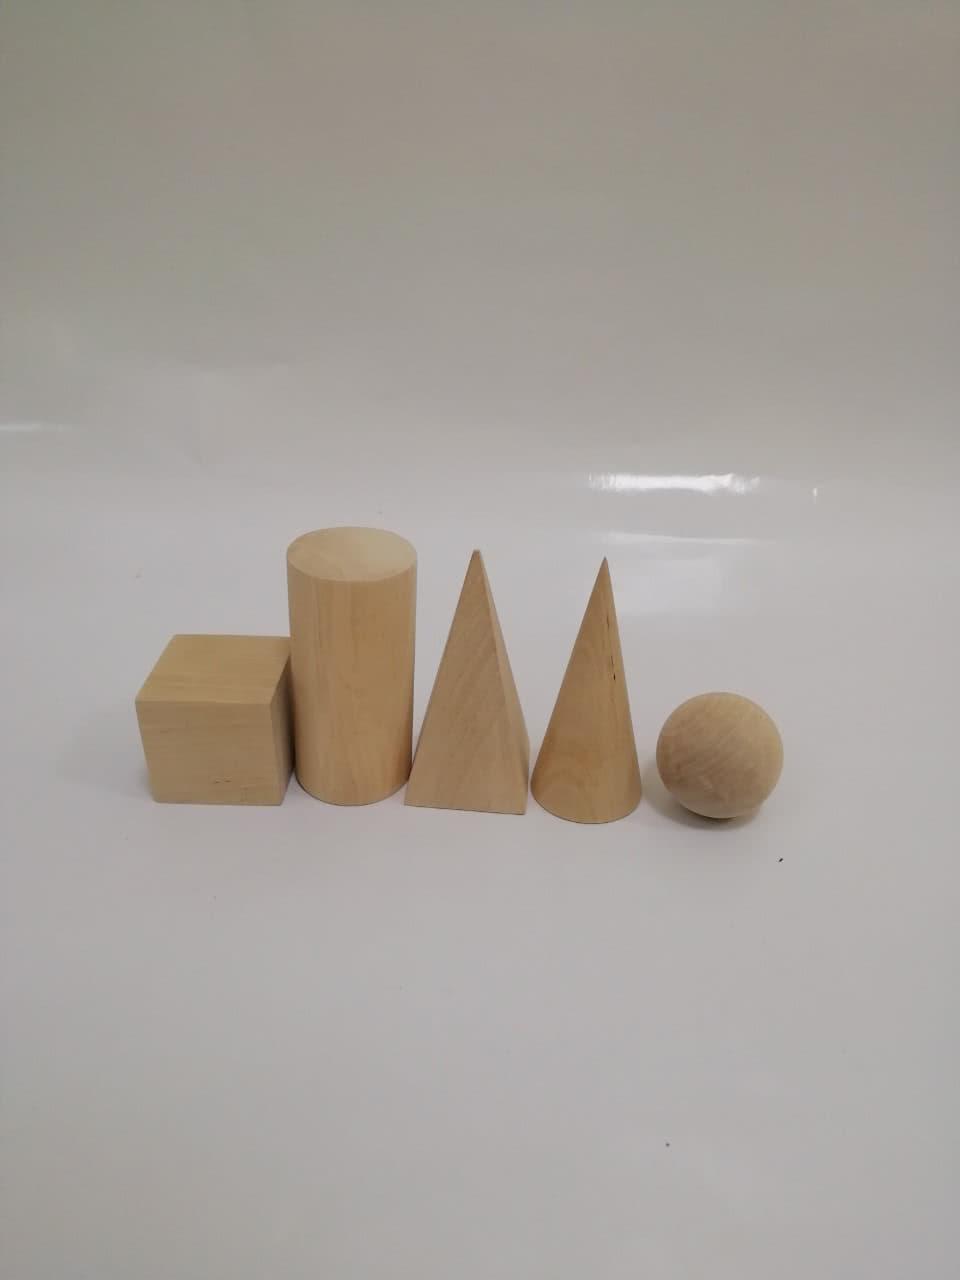 Набір моделей геометричних тіл та фігур (дерев'яні)